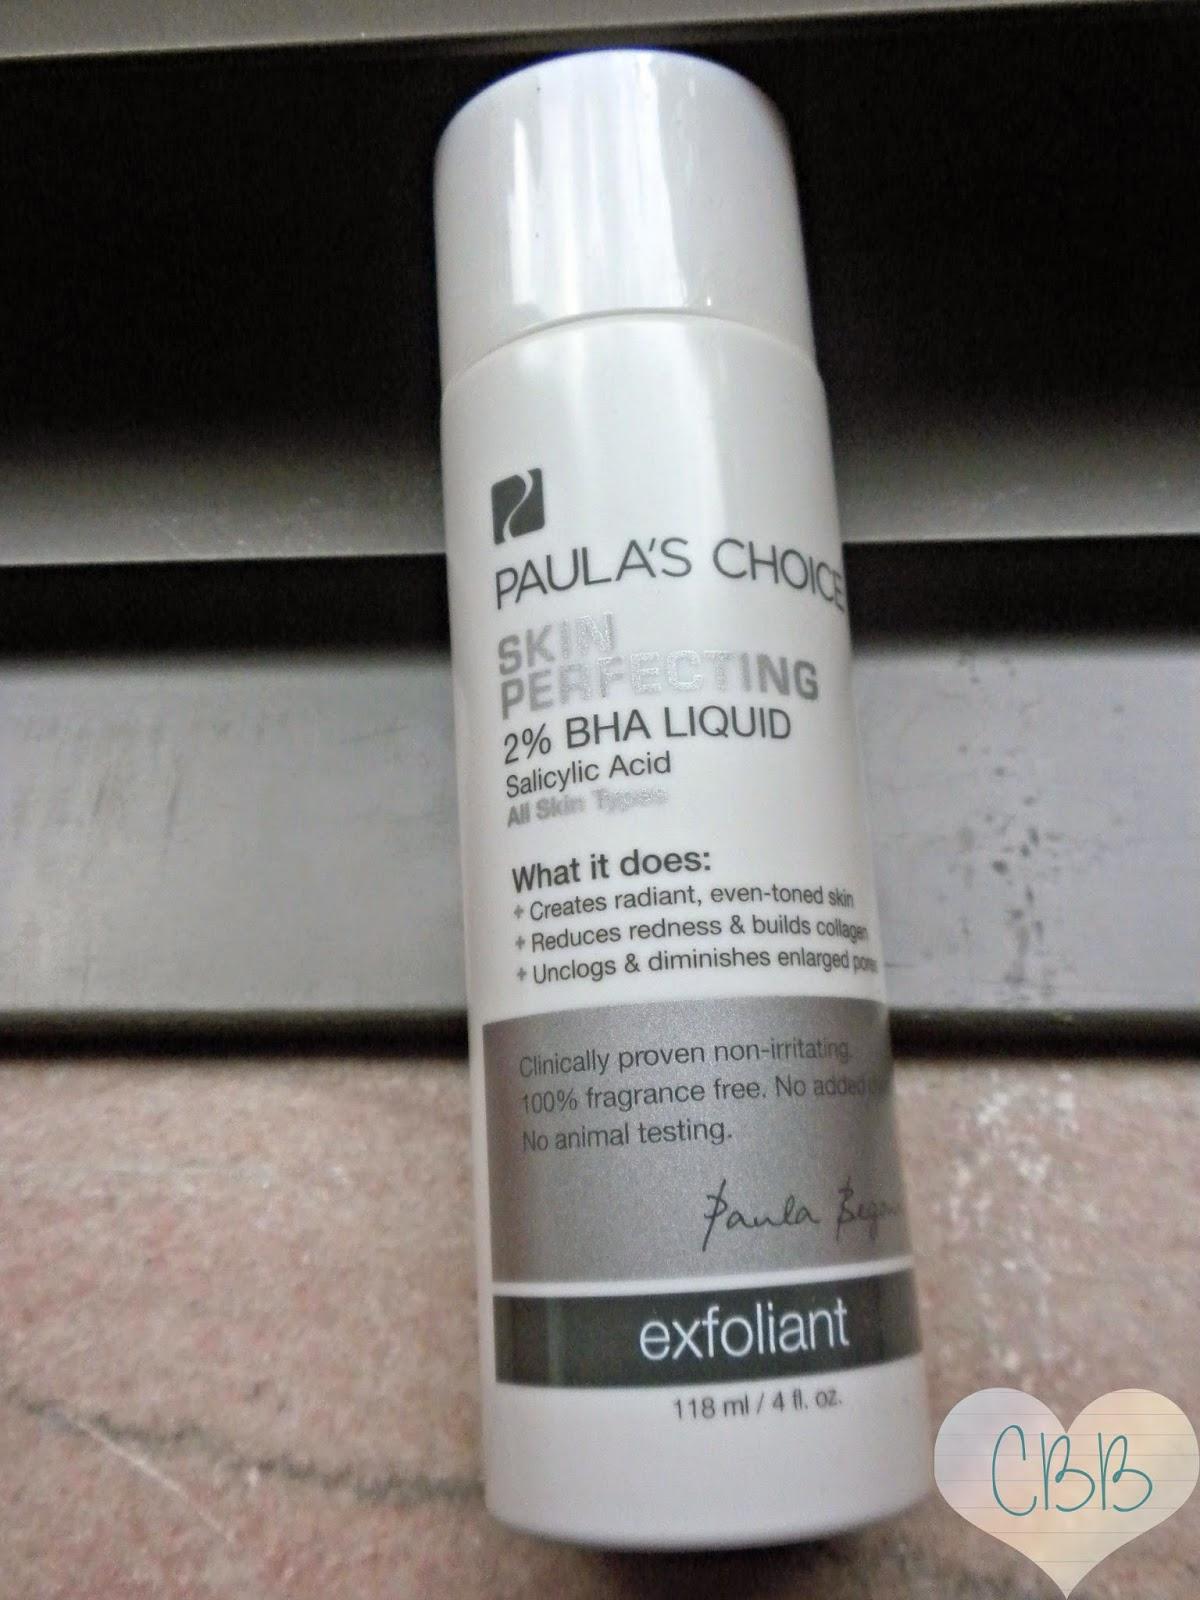 PAULA'S CHOICE 2% BHA Liquid Exfoliant ($26 for 4oz)